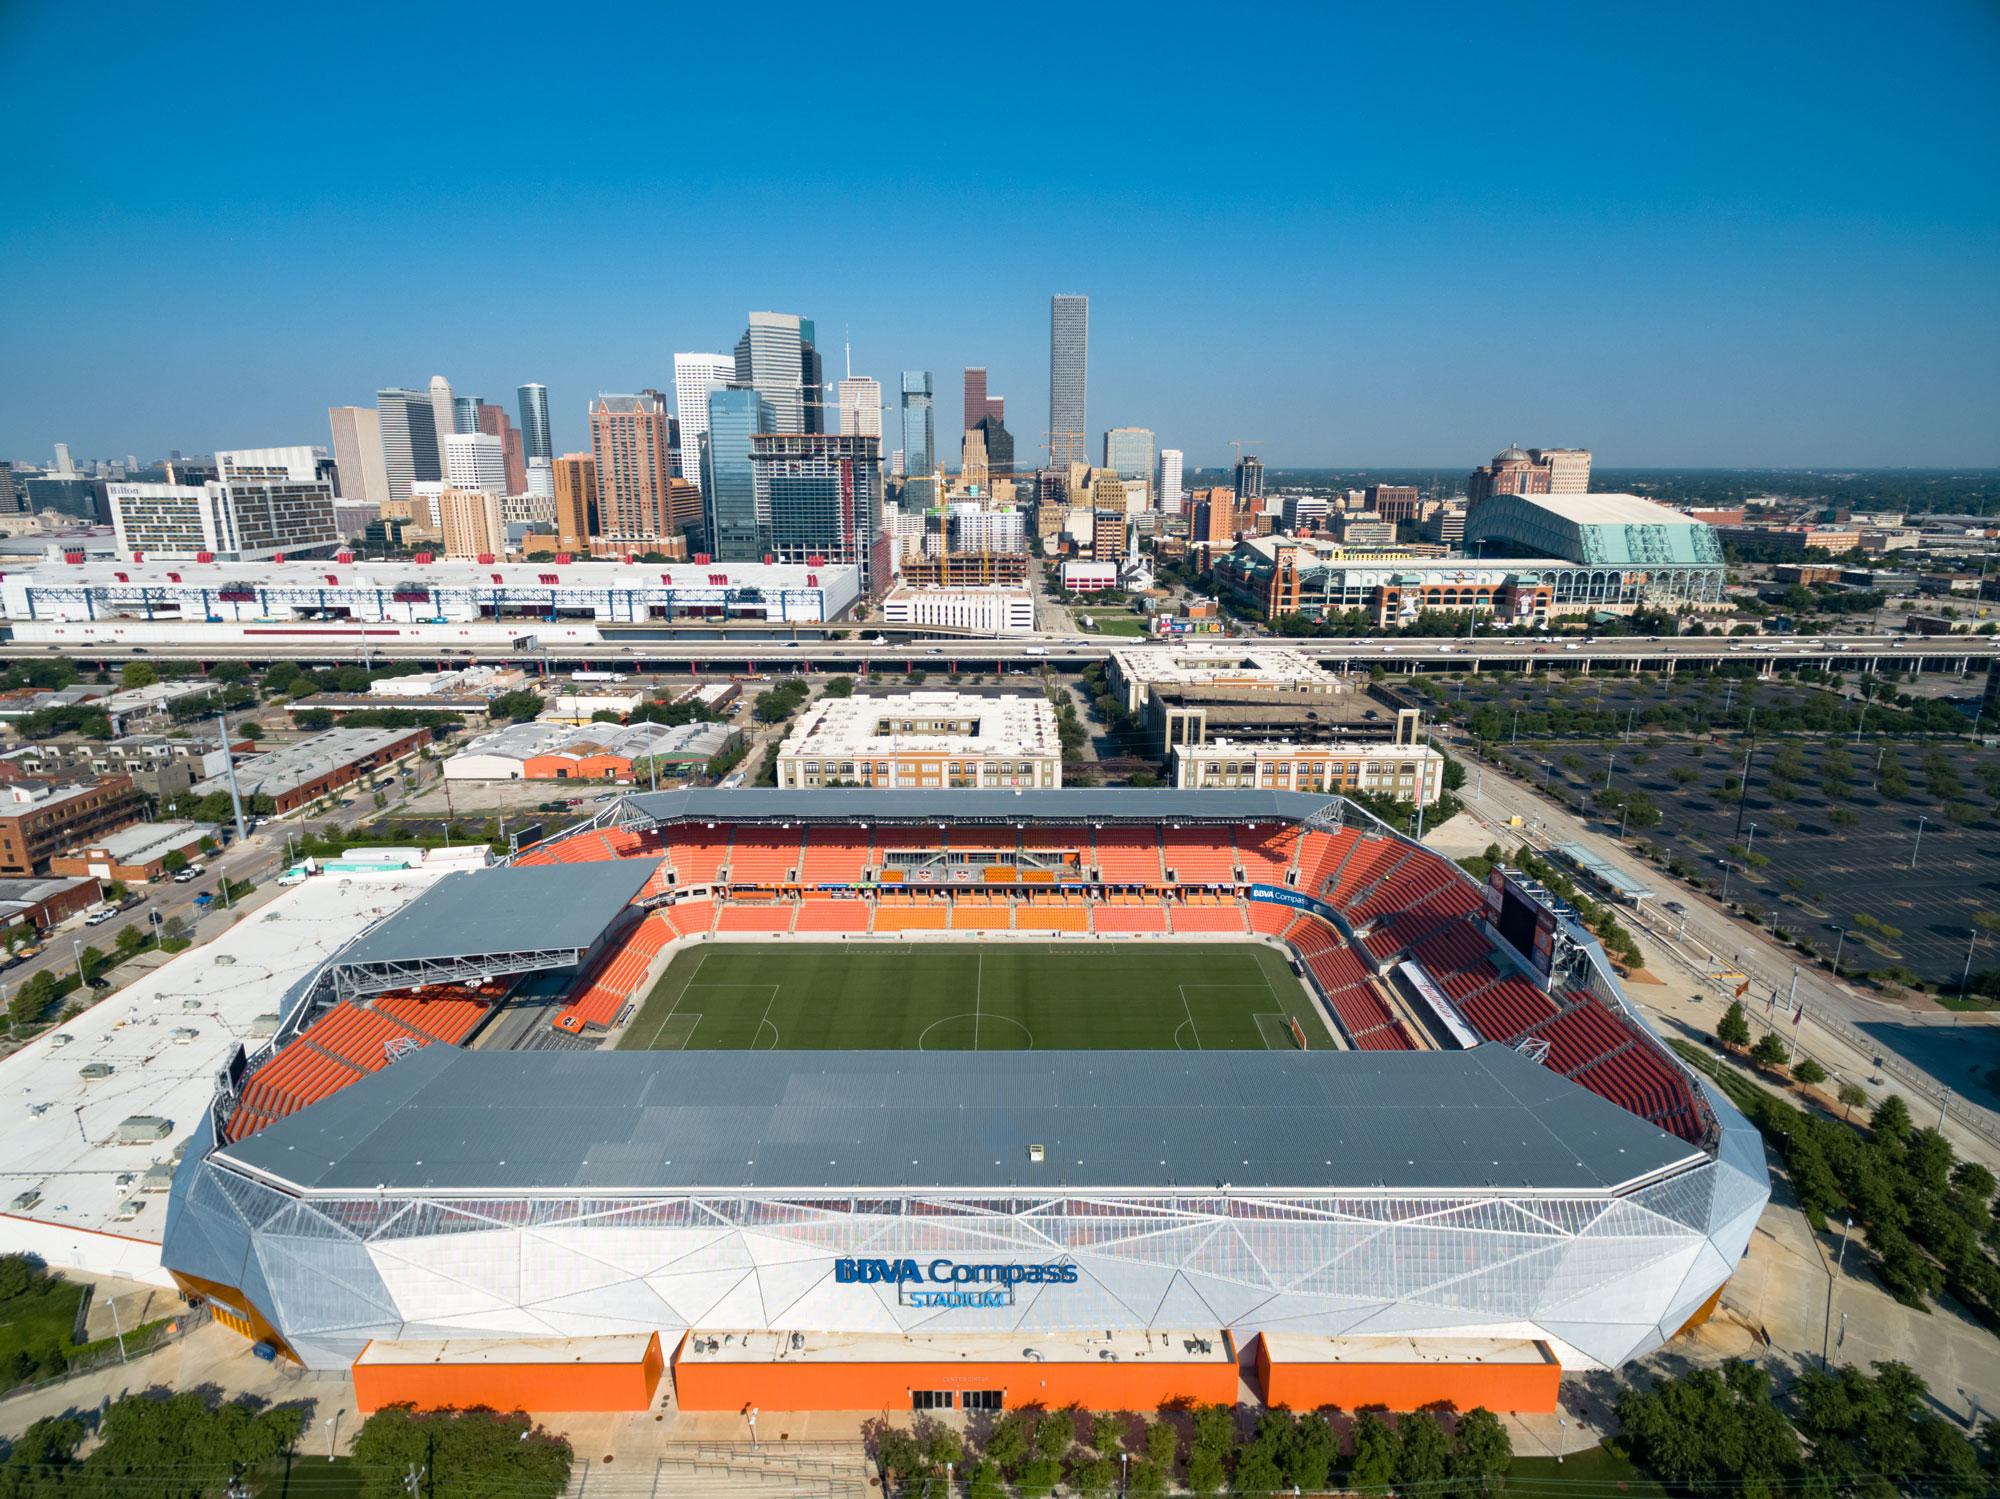 BBVA Compass Stadium - Canvas Print - Houston Sports Scene